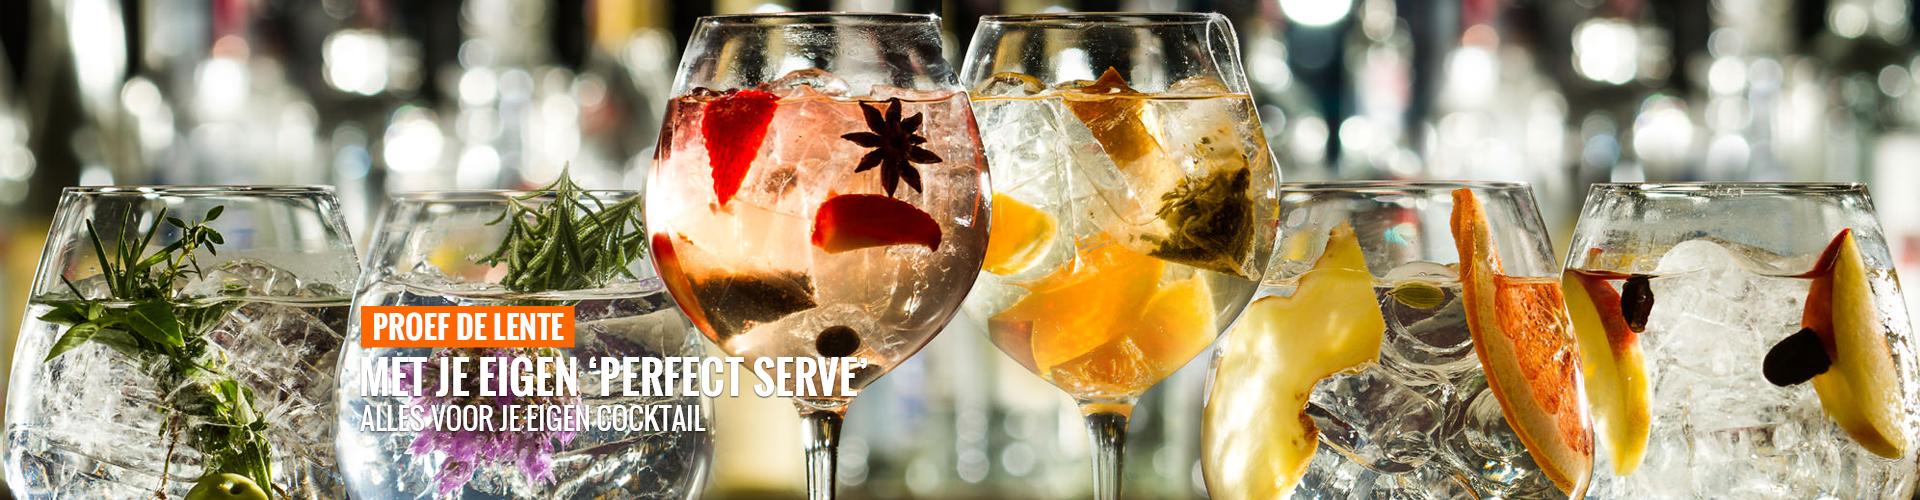 Proef de lente cocktails